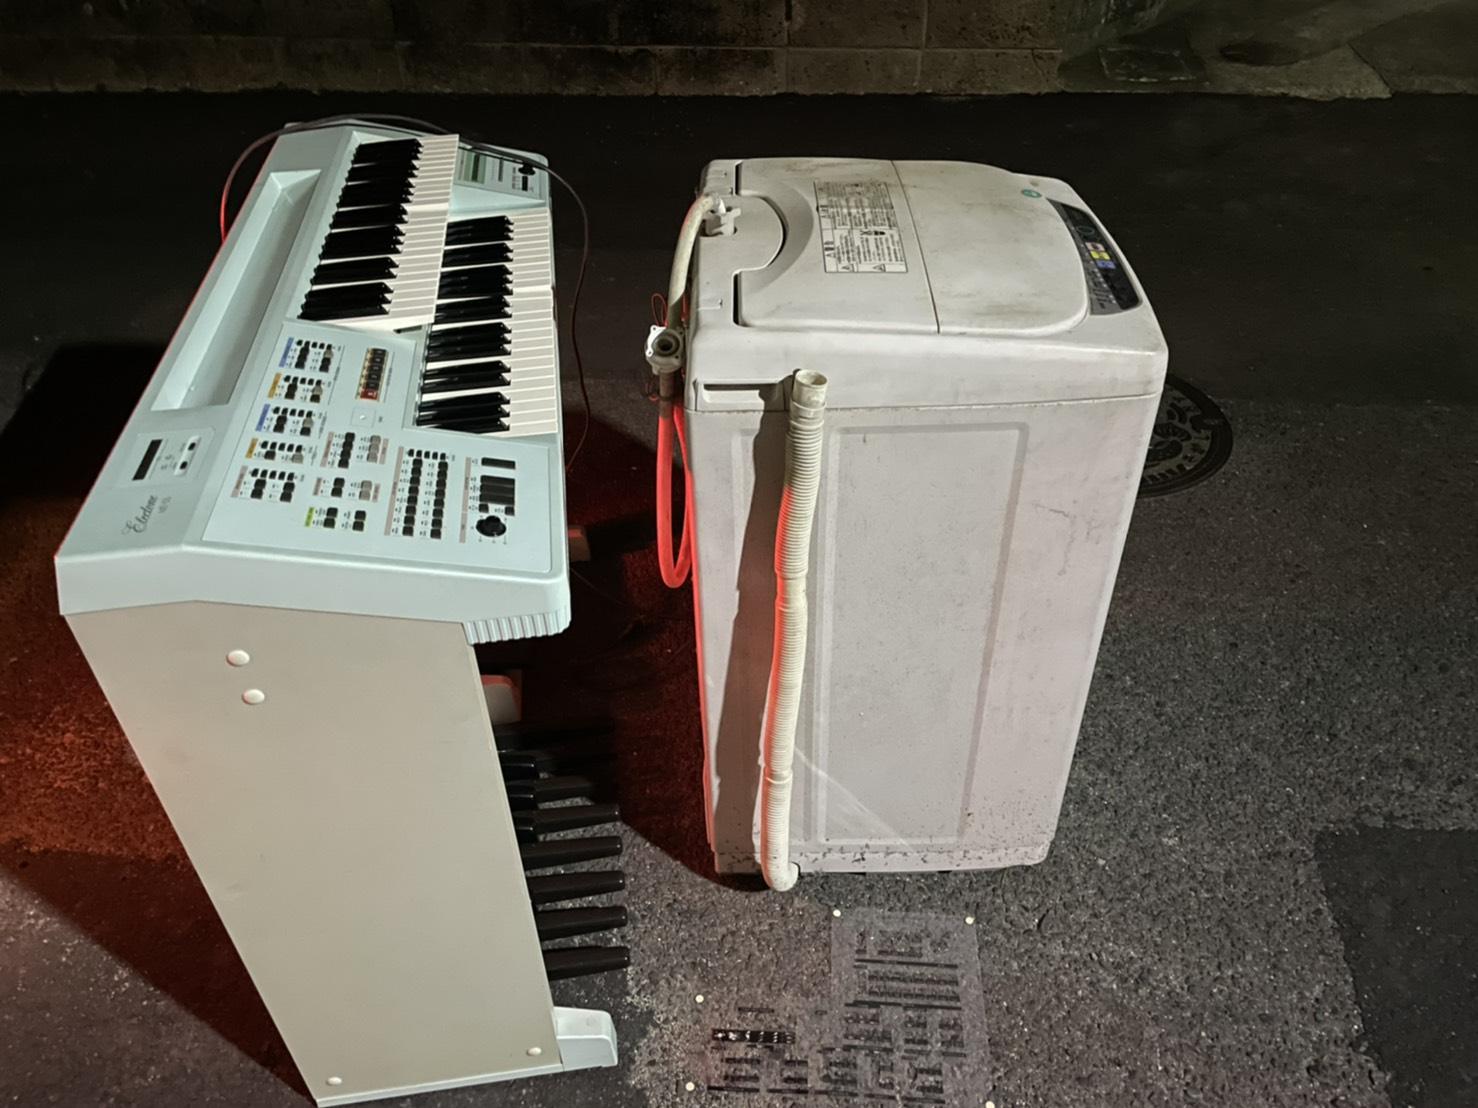 洗濯機、電子ピアノの回収前